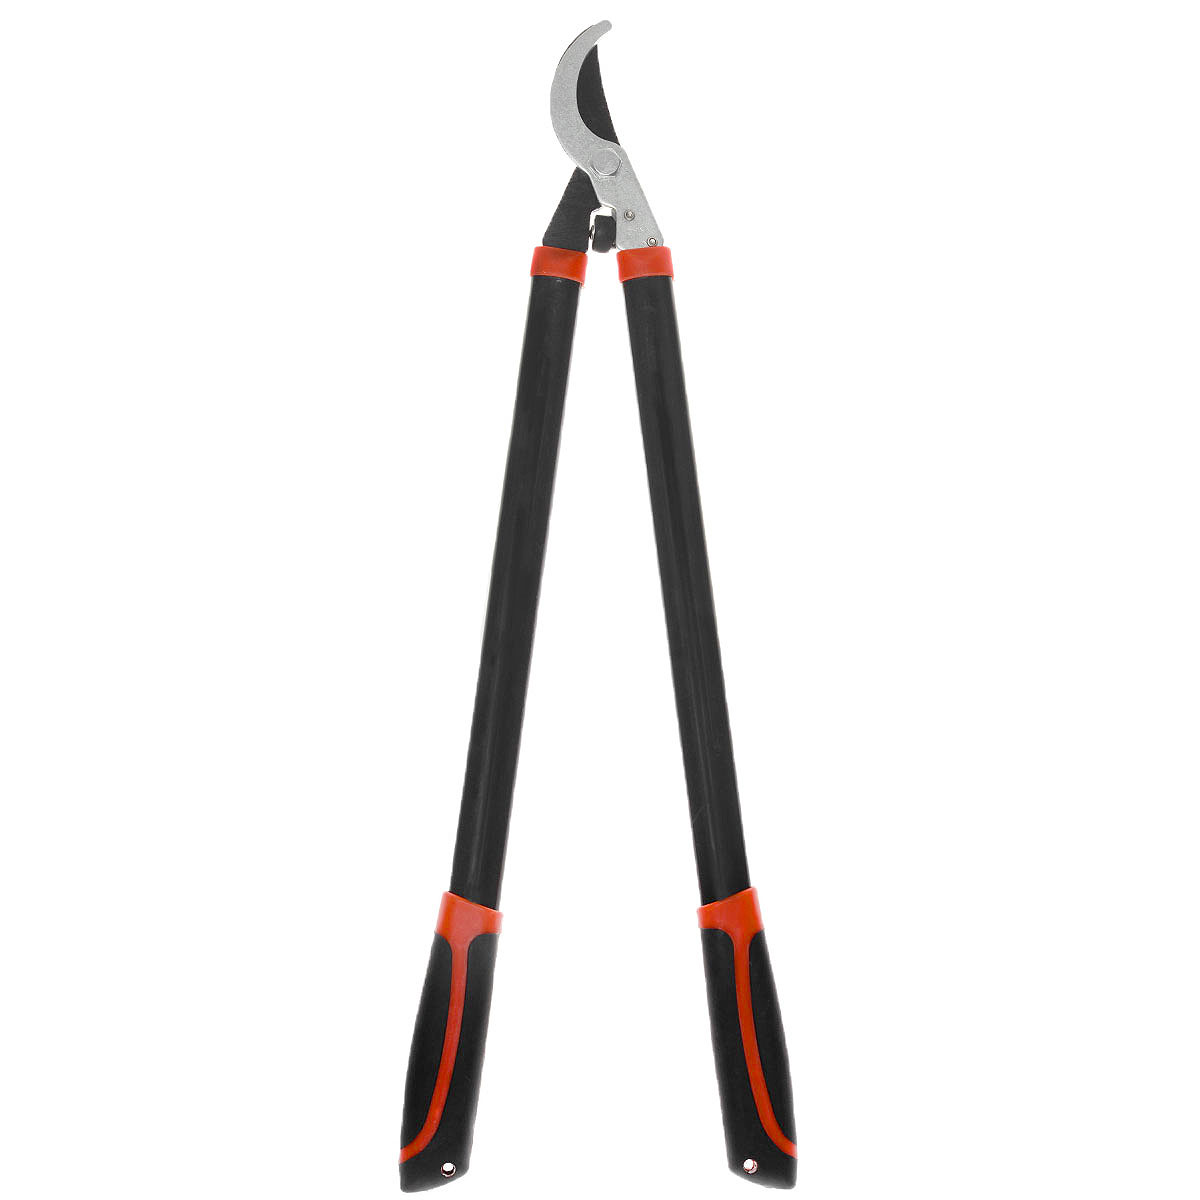 Сучкорез FIT, 720 мм. 7712077120Сучкорез FIT выполнен из высокопрочной инструментальной стали. Для удобства работы предусмотрены длинные ручки с пластиковыми прорезиненными накладками. Лезвия сучкореза с тефлоновым покрытием остро заточены. Сучкорез предназначен для обрезания тонких веток и корней. Характеристики:Материал: сталь, пластик, резина. Общая длина сучкореза: 72 см. Длина лезвий: 7,5 см.